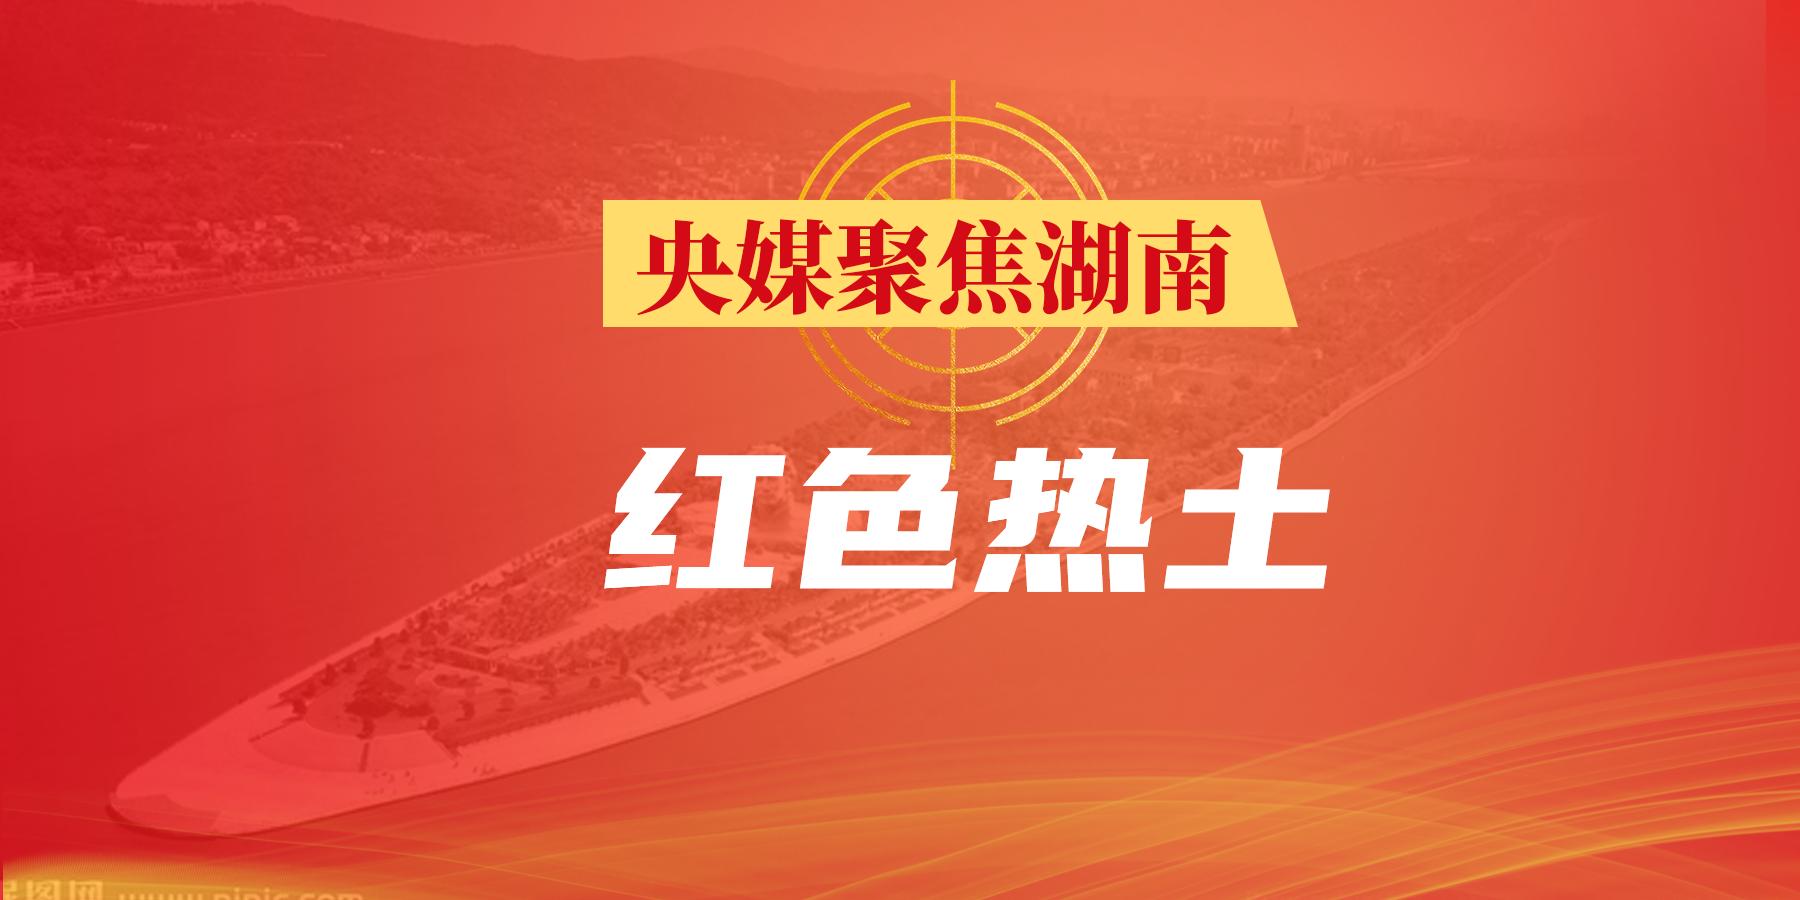 【专题】央媒聚焦湖南·红色热土